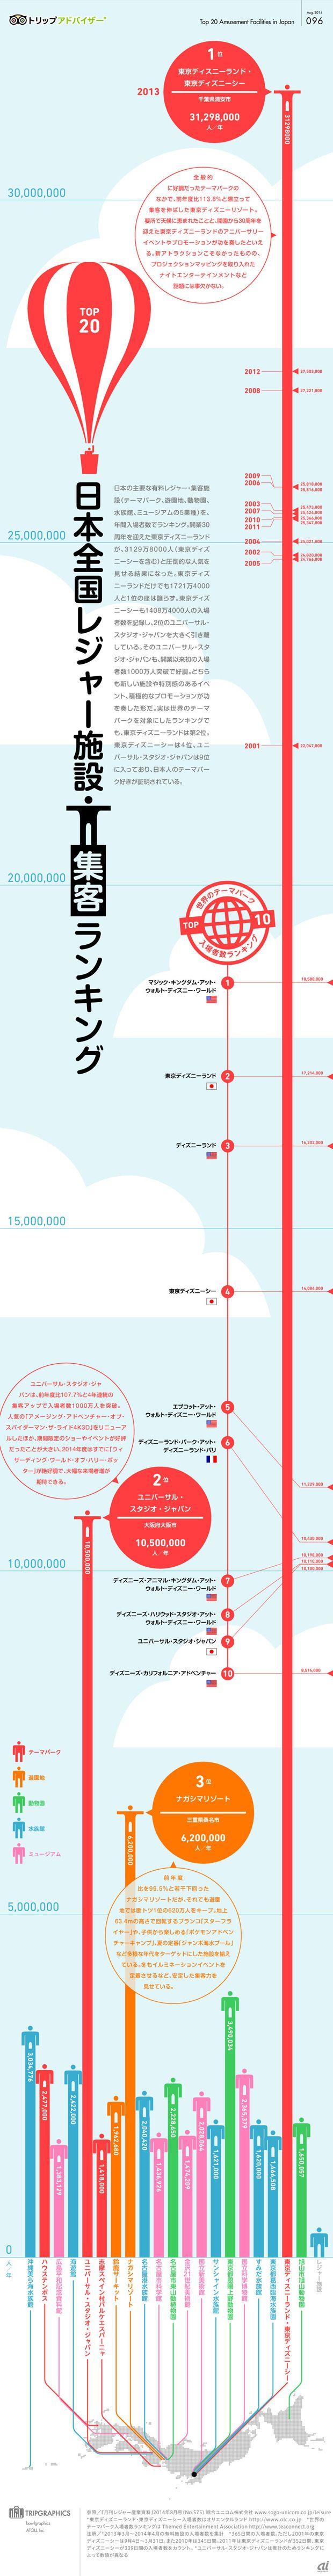 旅をテーマにしたインフォグラフィックス専用サイト「トリップグラフィックス」の第96回として、「日本全国レジャー施設集客ランキング」と題し、日本の主要なレジャー施設(テーマパーク、遊園地、動物園、水族館、ミュージアム)の年間入場者数をグラフとして表している。